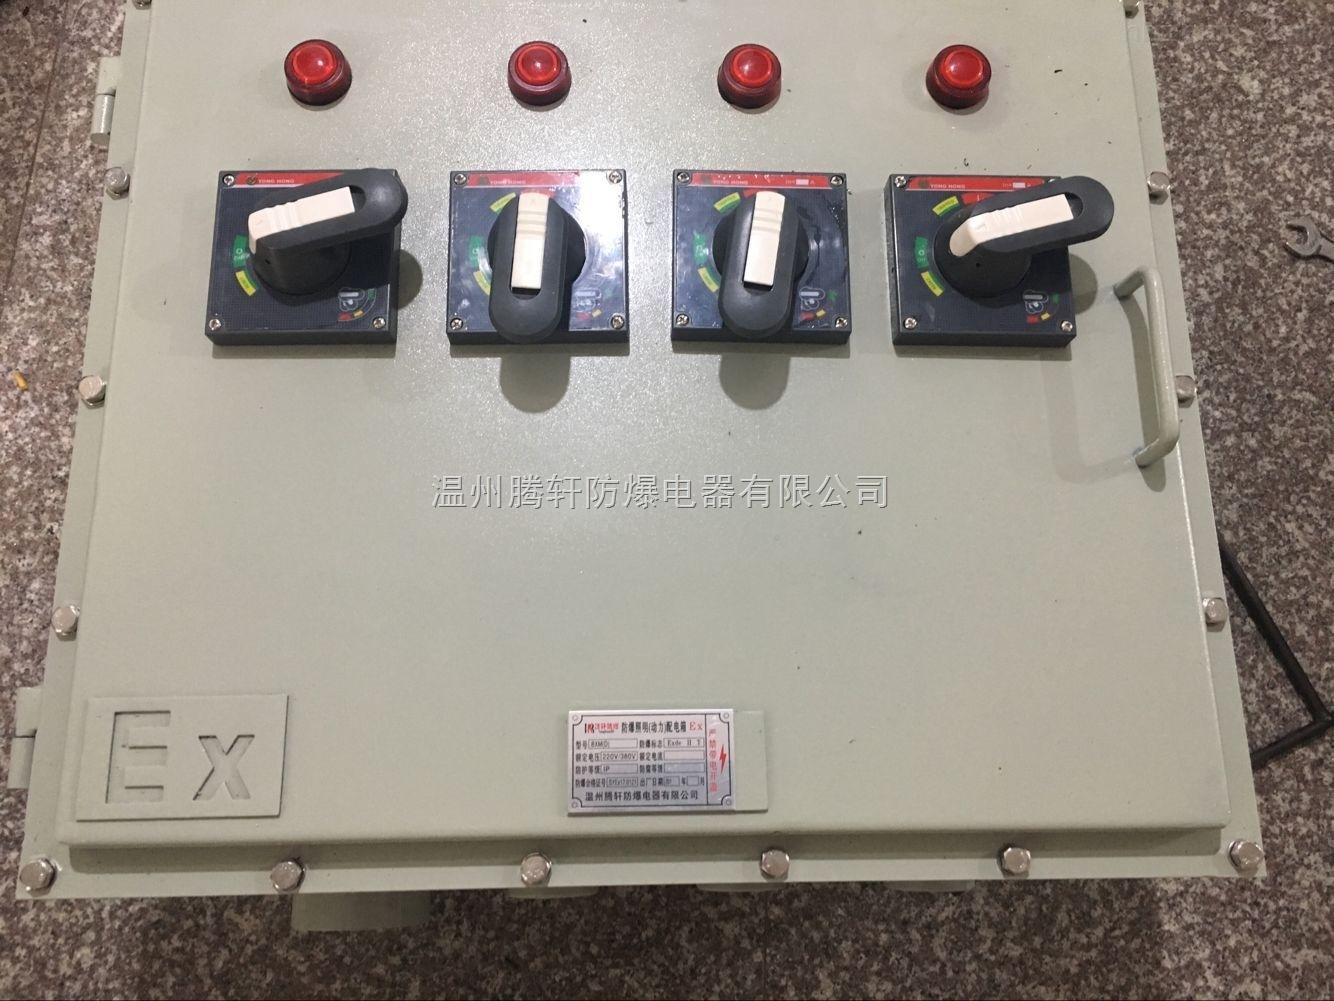 产品库 电气设备/工业电器 防爆电器 防爆控制箱 现场粉尘防爆控制箱